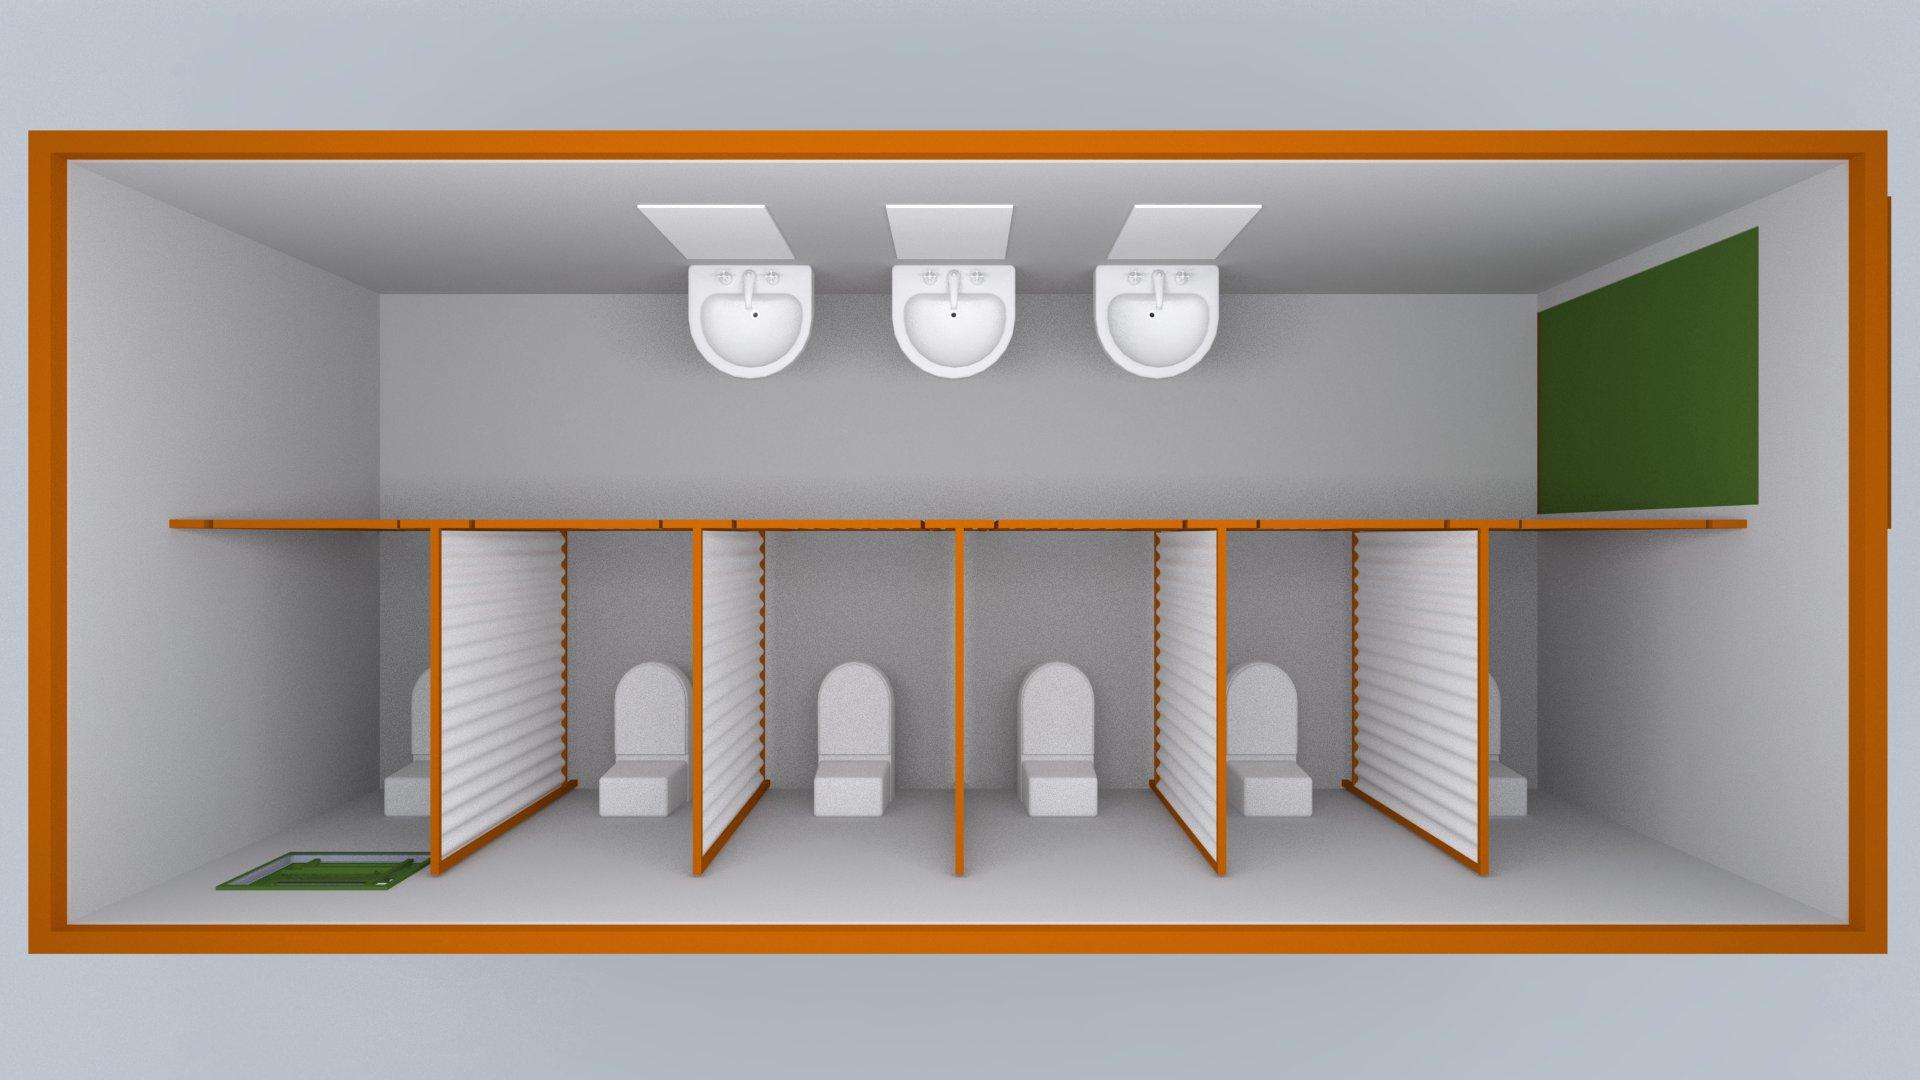 empresa instalada em 24 horas em módulos multiuso de alta tecnologia #AF5300 1920x1080 Banheiro Container Para Eventos